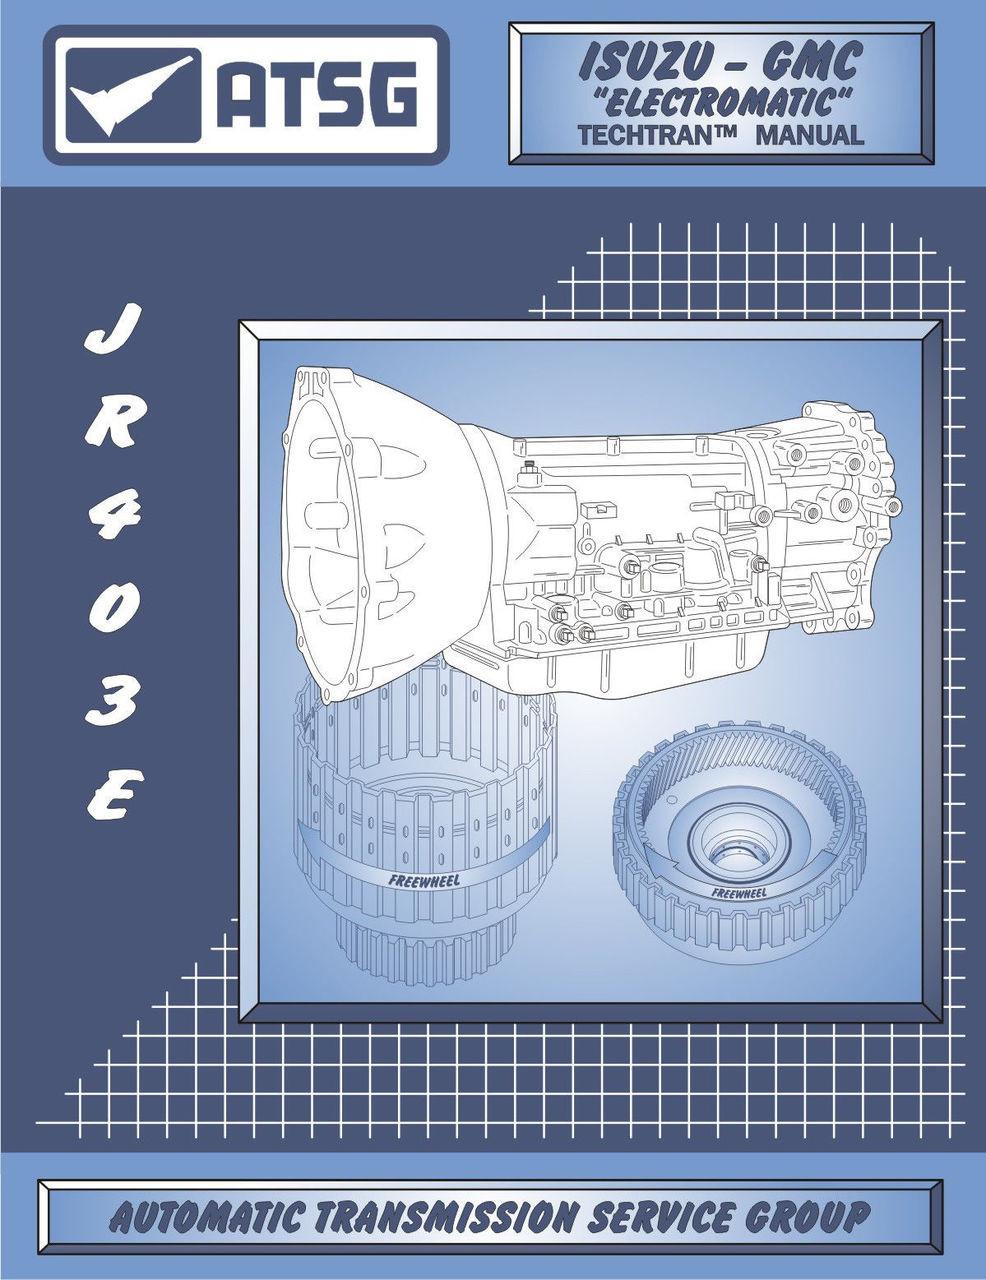 ATSG Tech Manual JR403E RG4R01A Isuzu NPR Hino GMC Chevy Tiltmaster  Electromatic